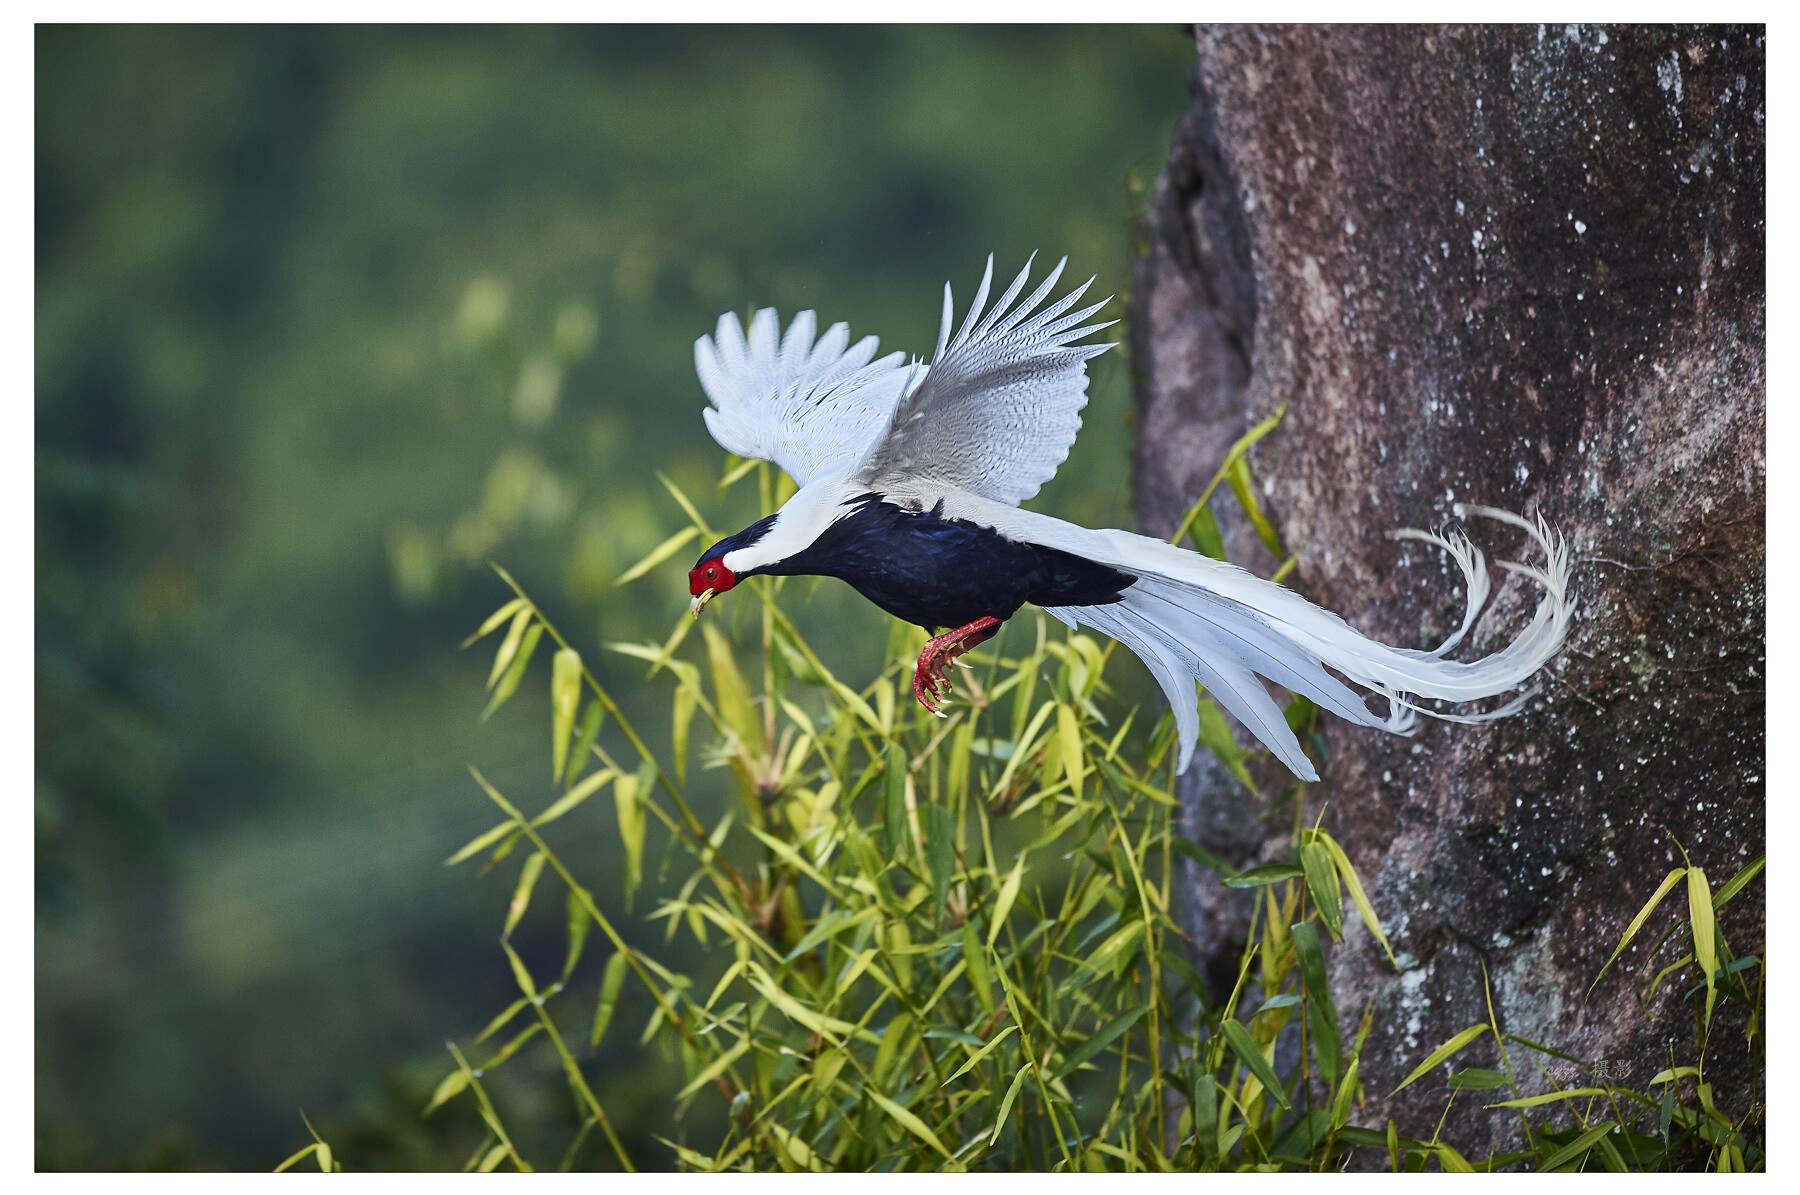 syzz作品:白鹇——鸟中王子